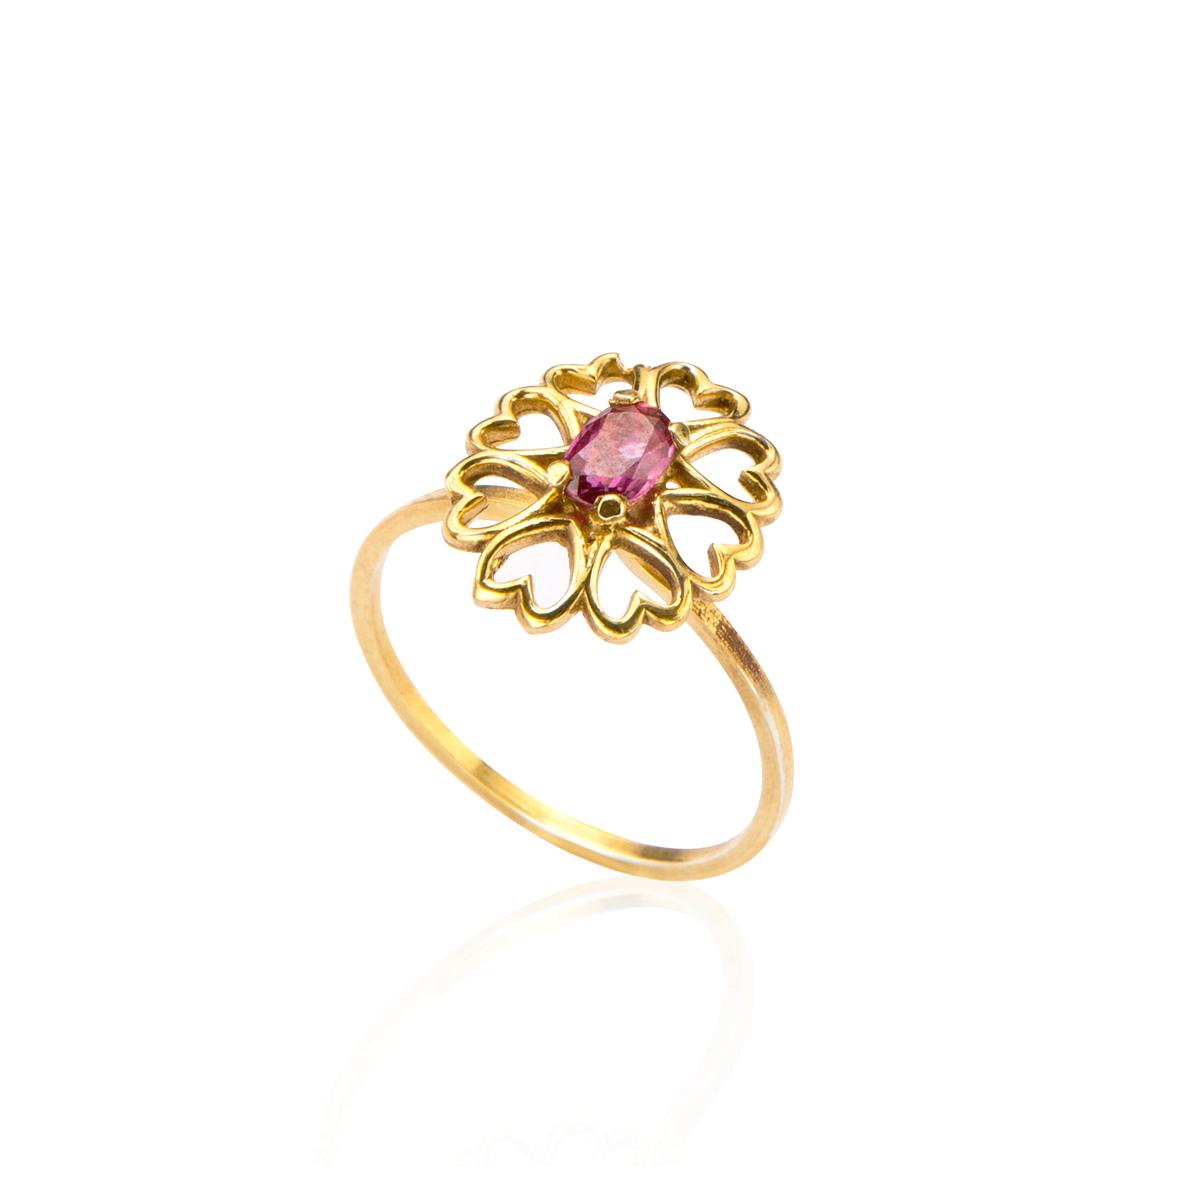 טבעת זהב משובצת אבן רובי בעיצוב לבבות זהב